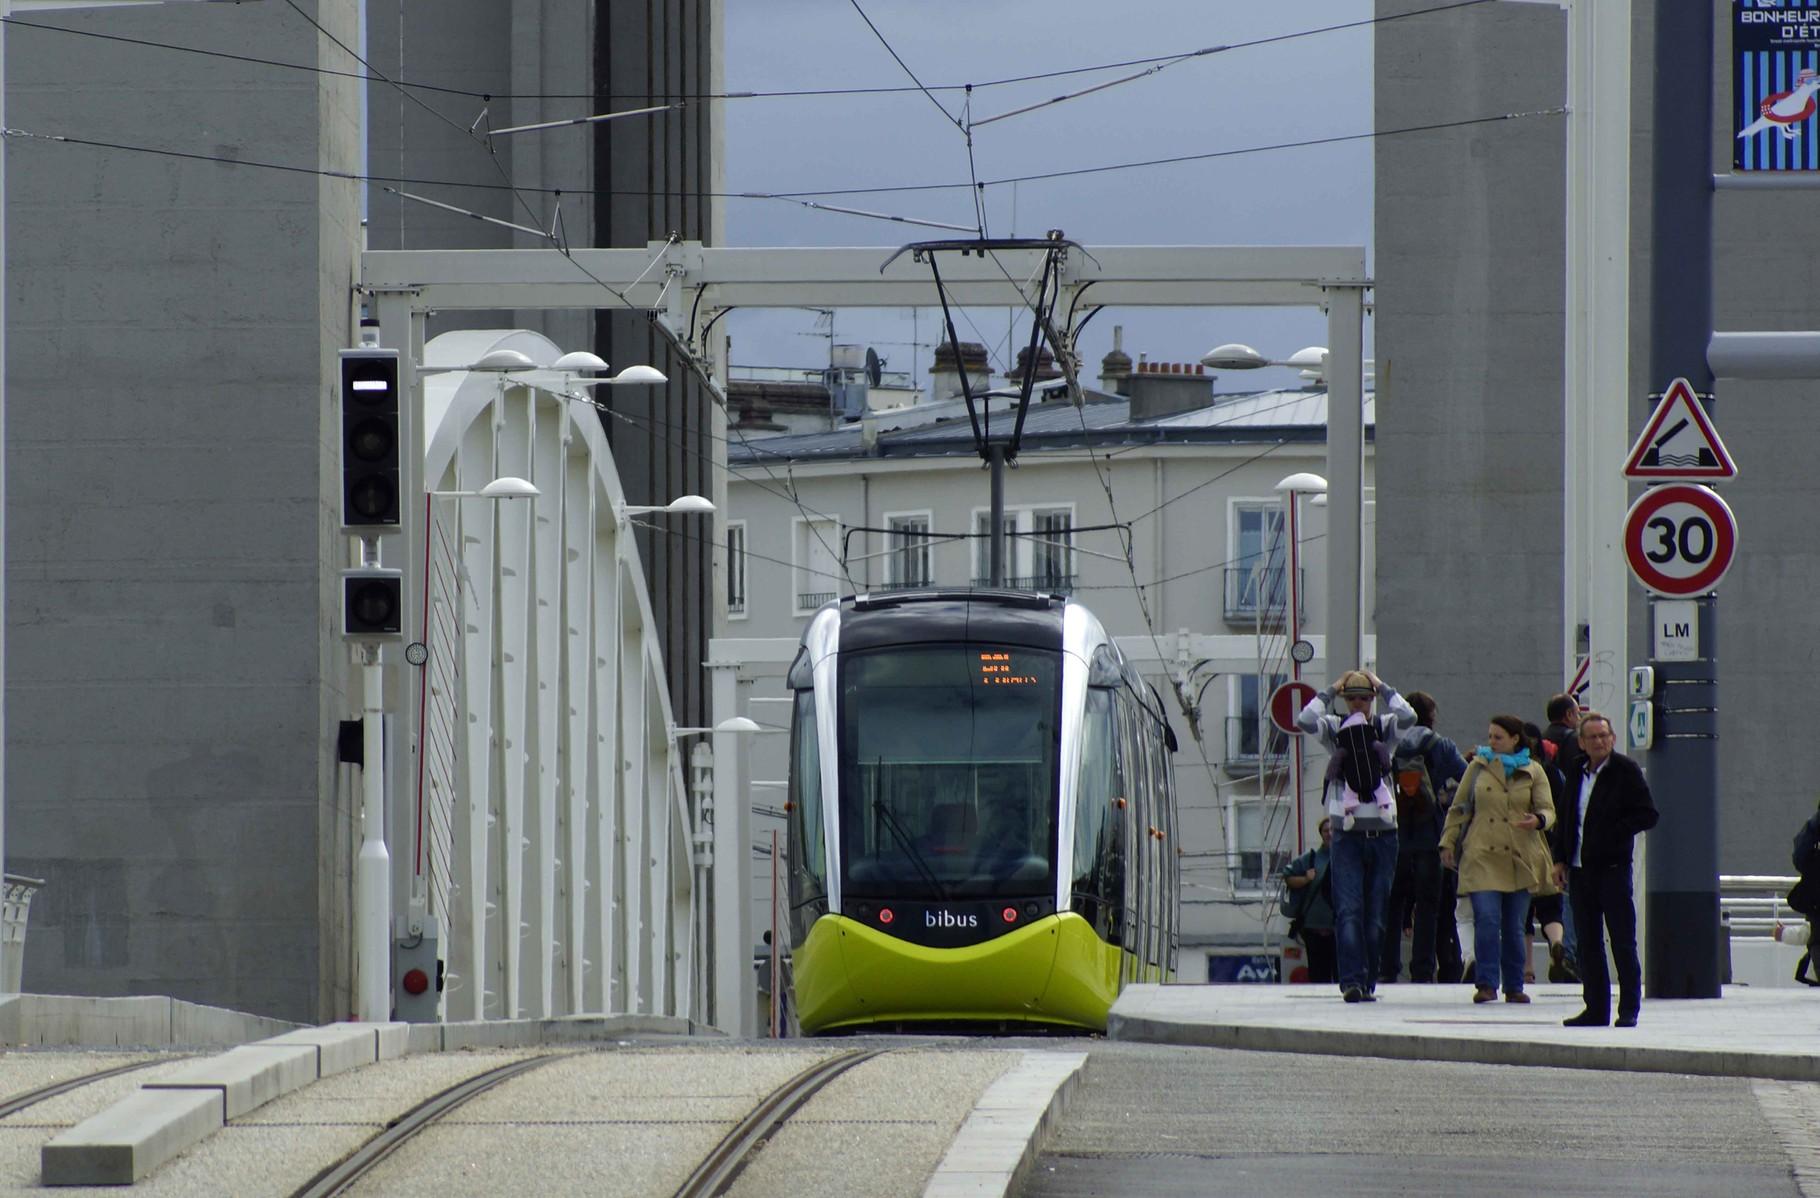 Un tram nommé iroise